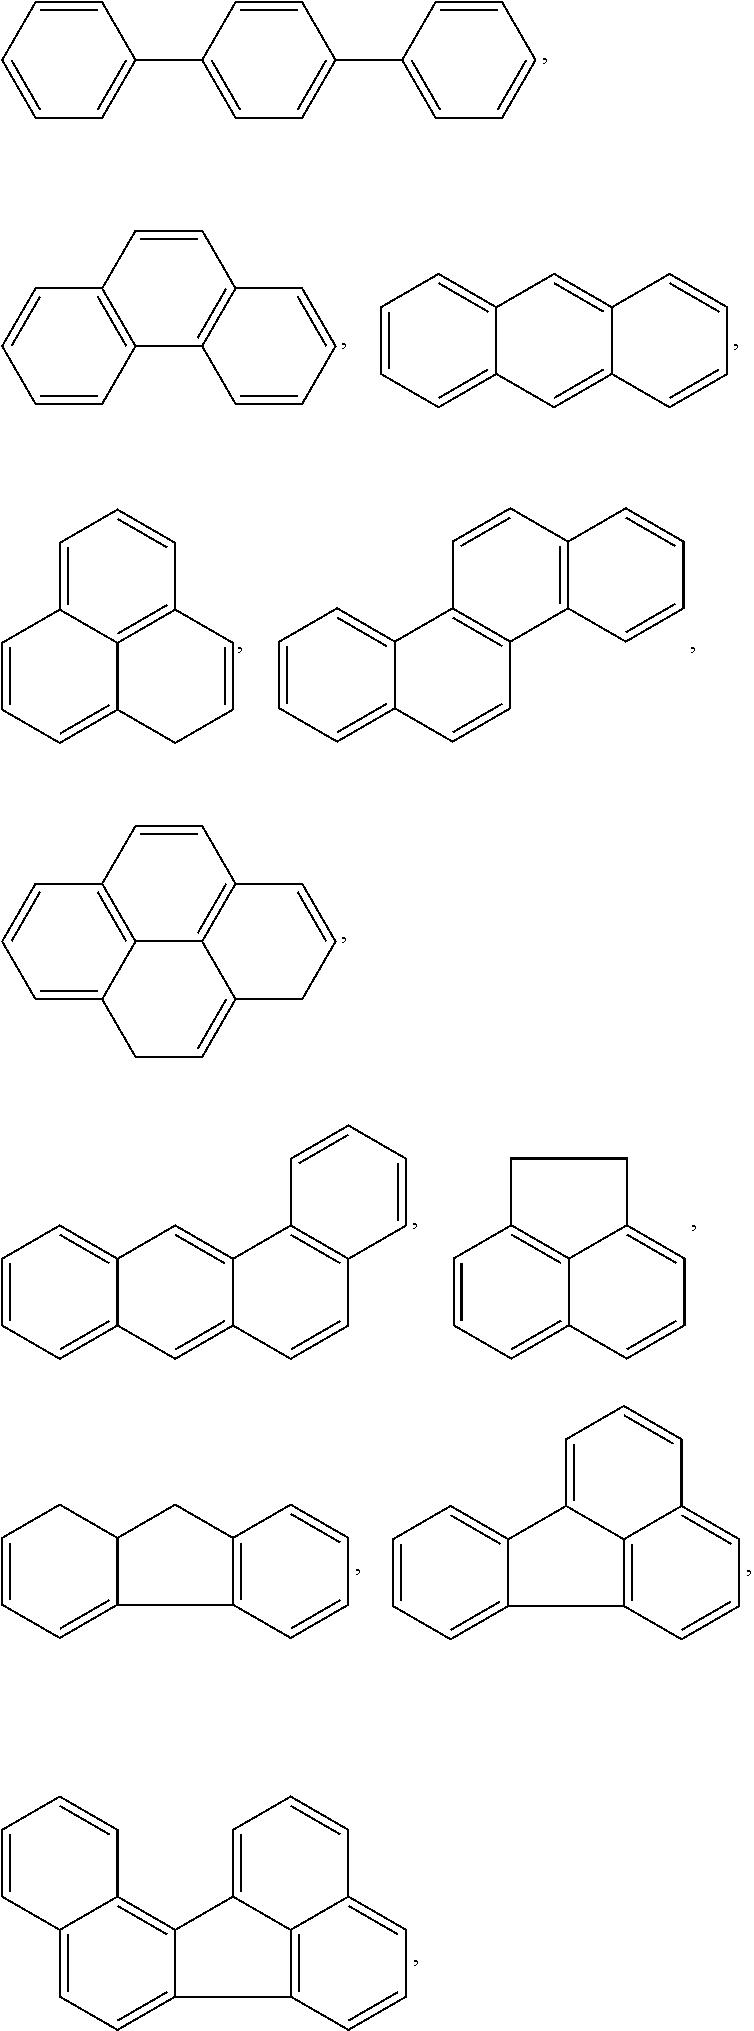 Figure US20110032465A1-20110210-C00007